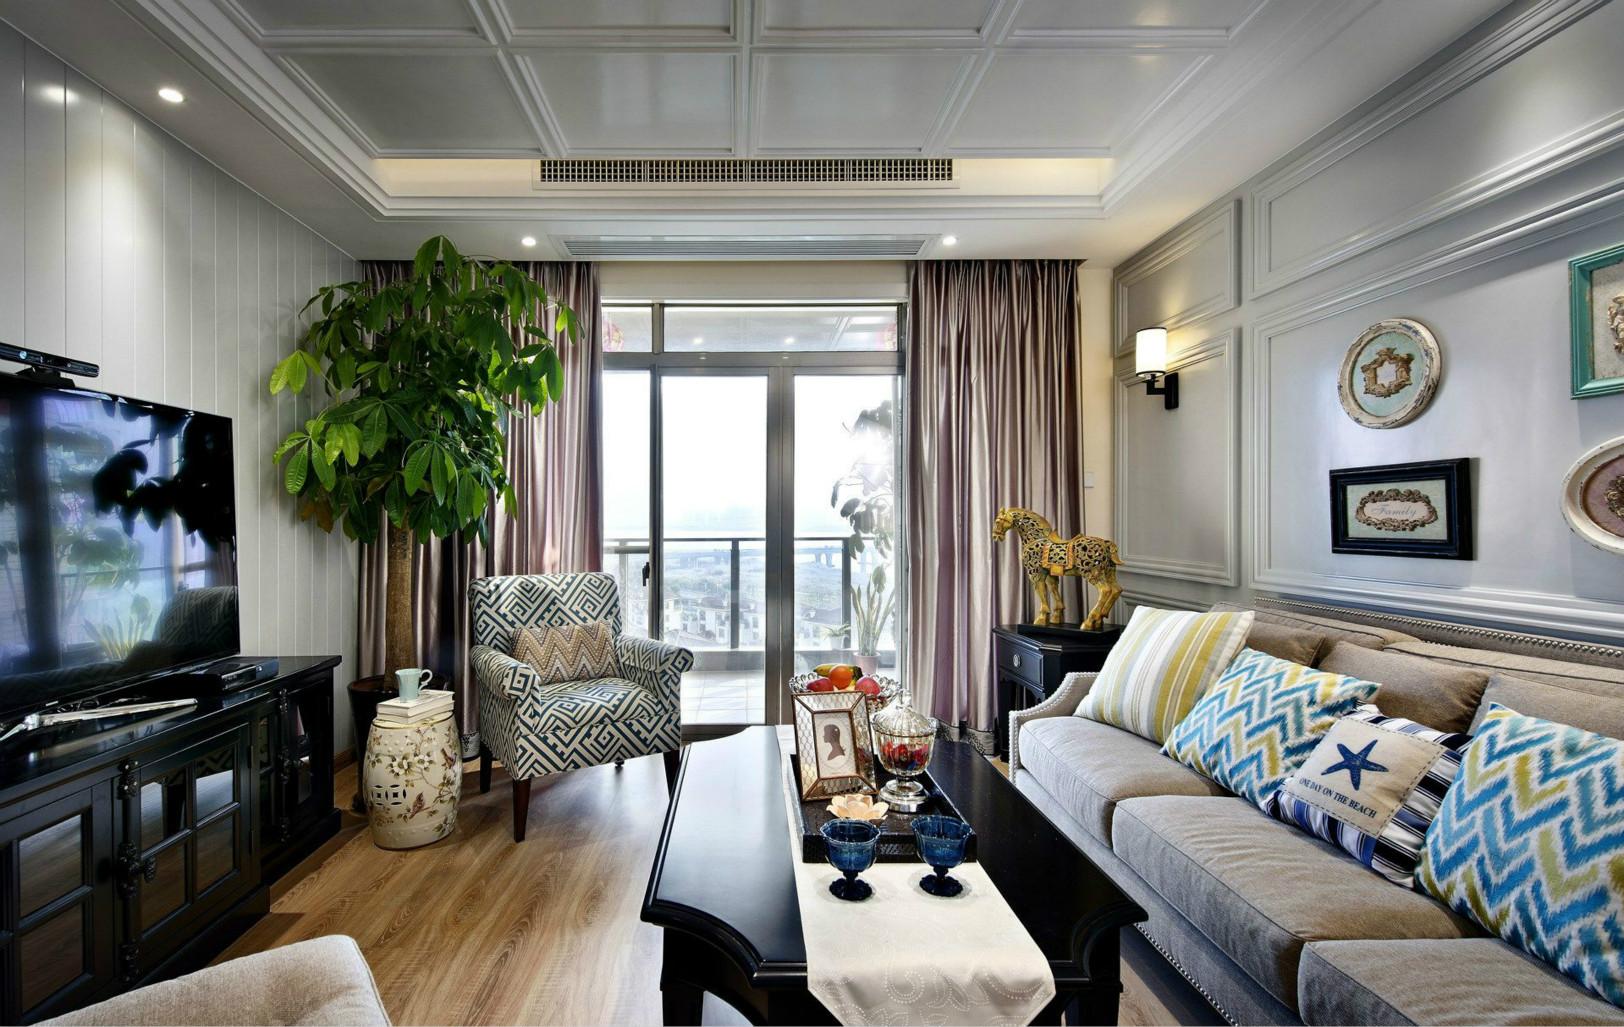 客厅作为待客区域,简洁明快,静谧的浅蓝色